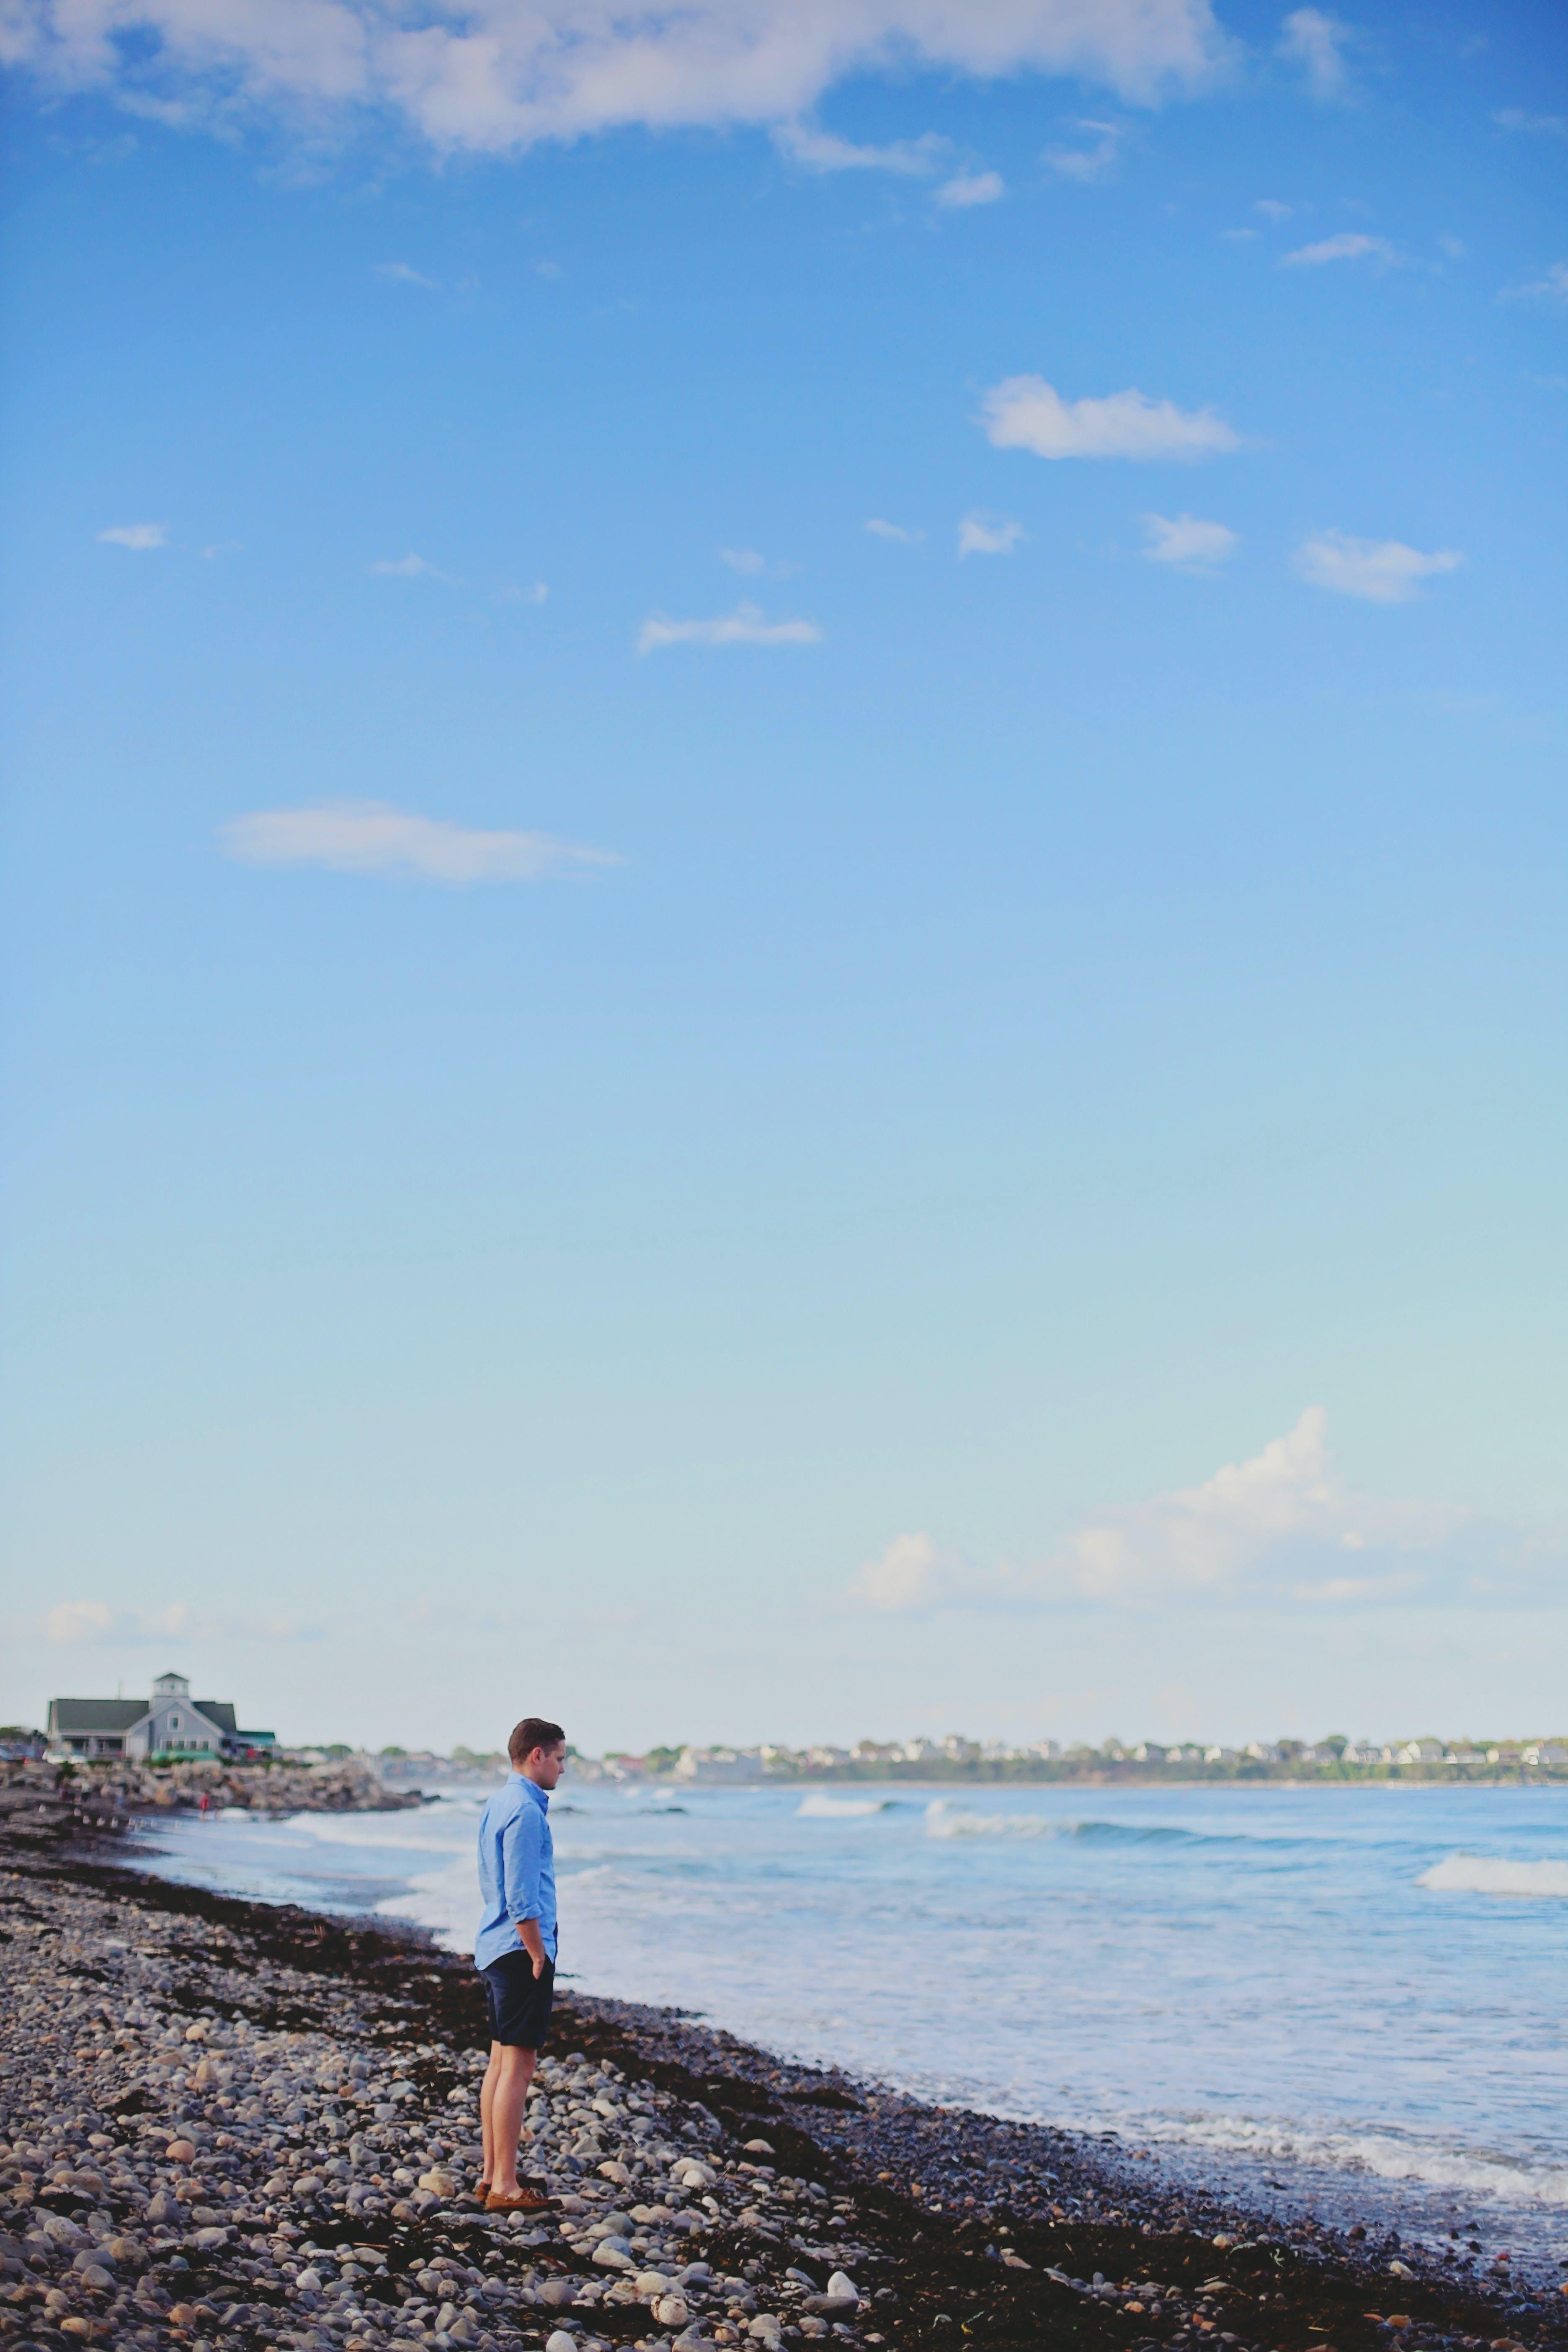 beach, blue sky, clouds